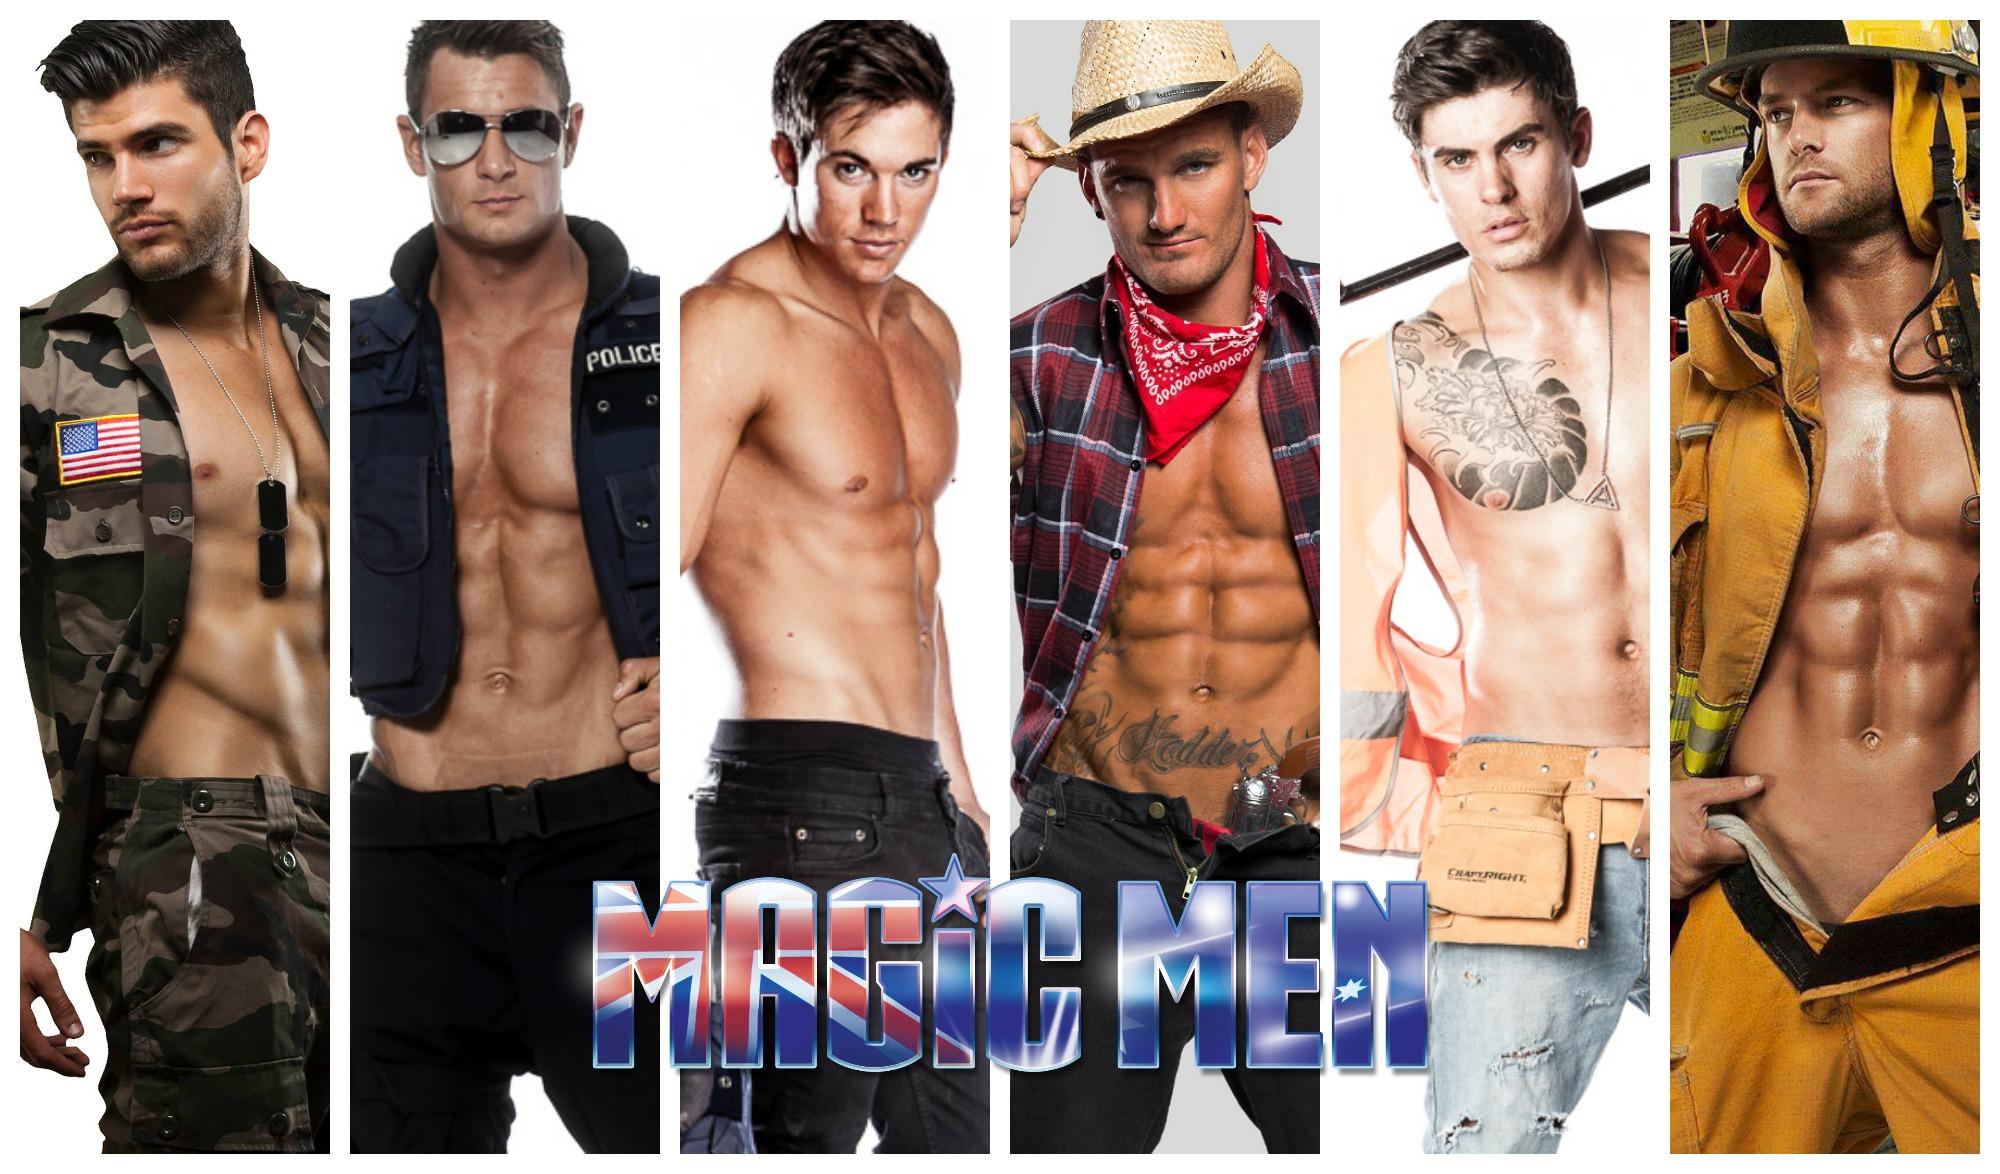 magic-men-collage-4